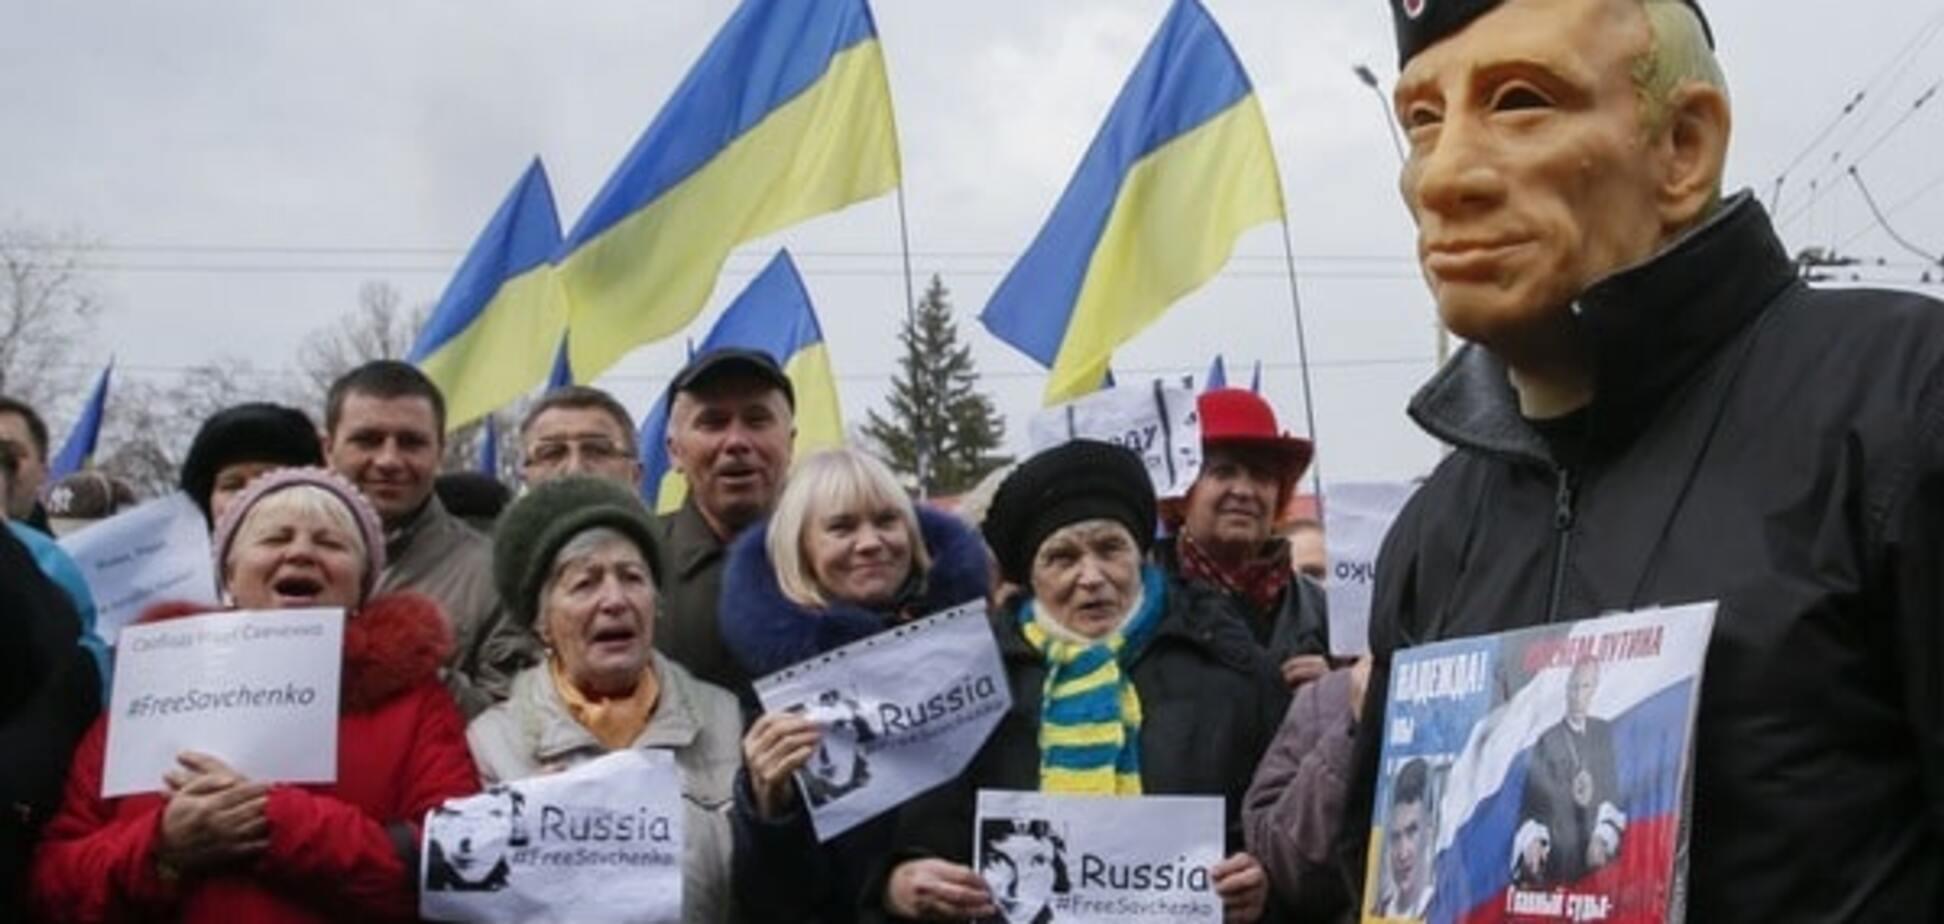 Плювати він хотів: правозахисник заявив, що Путін має намір 'знищити' Савченко